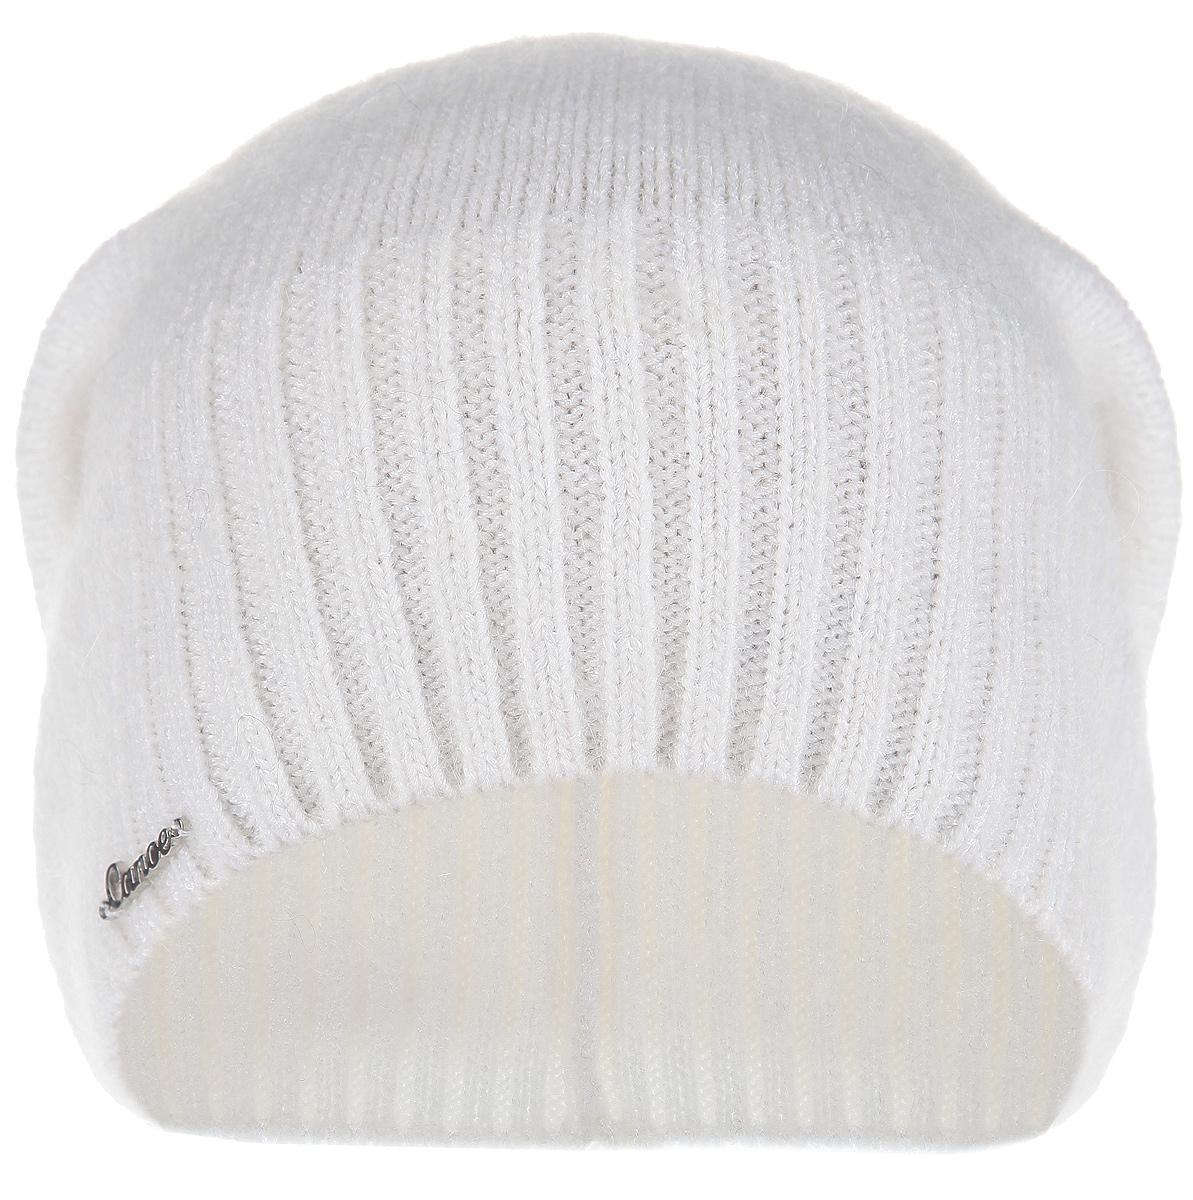 Шапка3446680Стильная женская шапка Canoe Lina идеально подойдет для прогулок и занятия спортом в прохладное время года. Удлиненная шапка мелкой вязки выполнена из высококачественной вискозной пряжи с добавлением итальянского суперкид мохера, что обеспечивает невероятную легкость и мягкость, а также позволяет шапке надежно сохранять тепло. Низ шапки связан резинкой, что обеспечивает эластичность и удобную посадку. Шапка оформлена металлическим лейблом с логотипом производителя. Такая шапка станет модным и стильным дополнением вашего зимнего гардероба. Она согреет вас и позволит подчеркнуть свою индивидуальность!